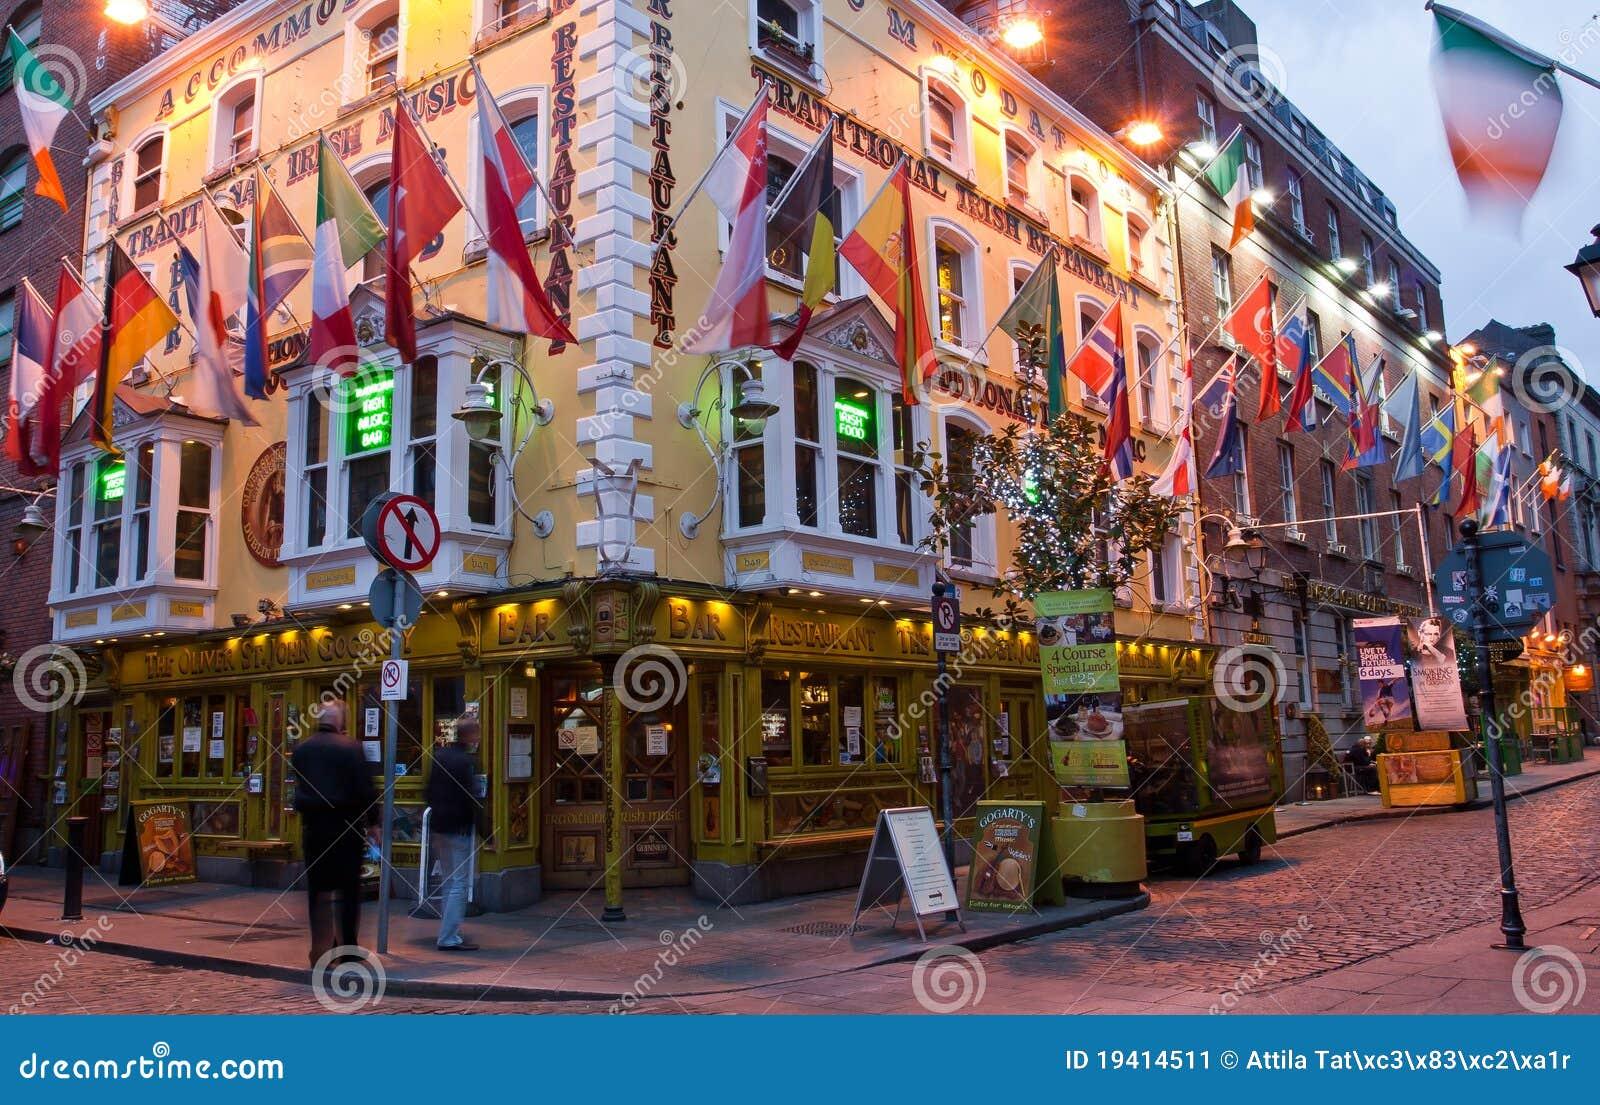 Pub Dublín de Oliverio San Juan Gogarty